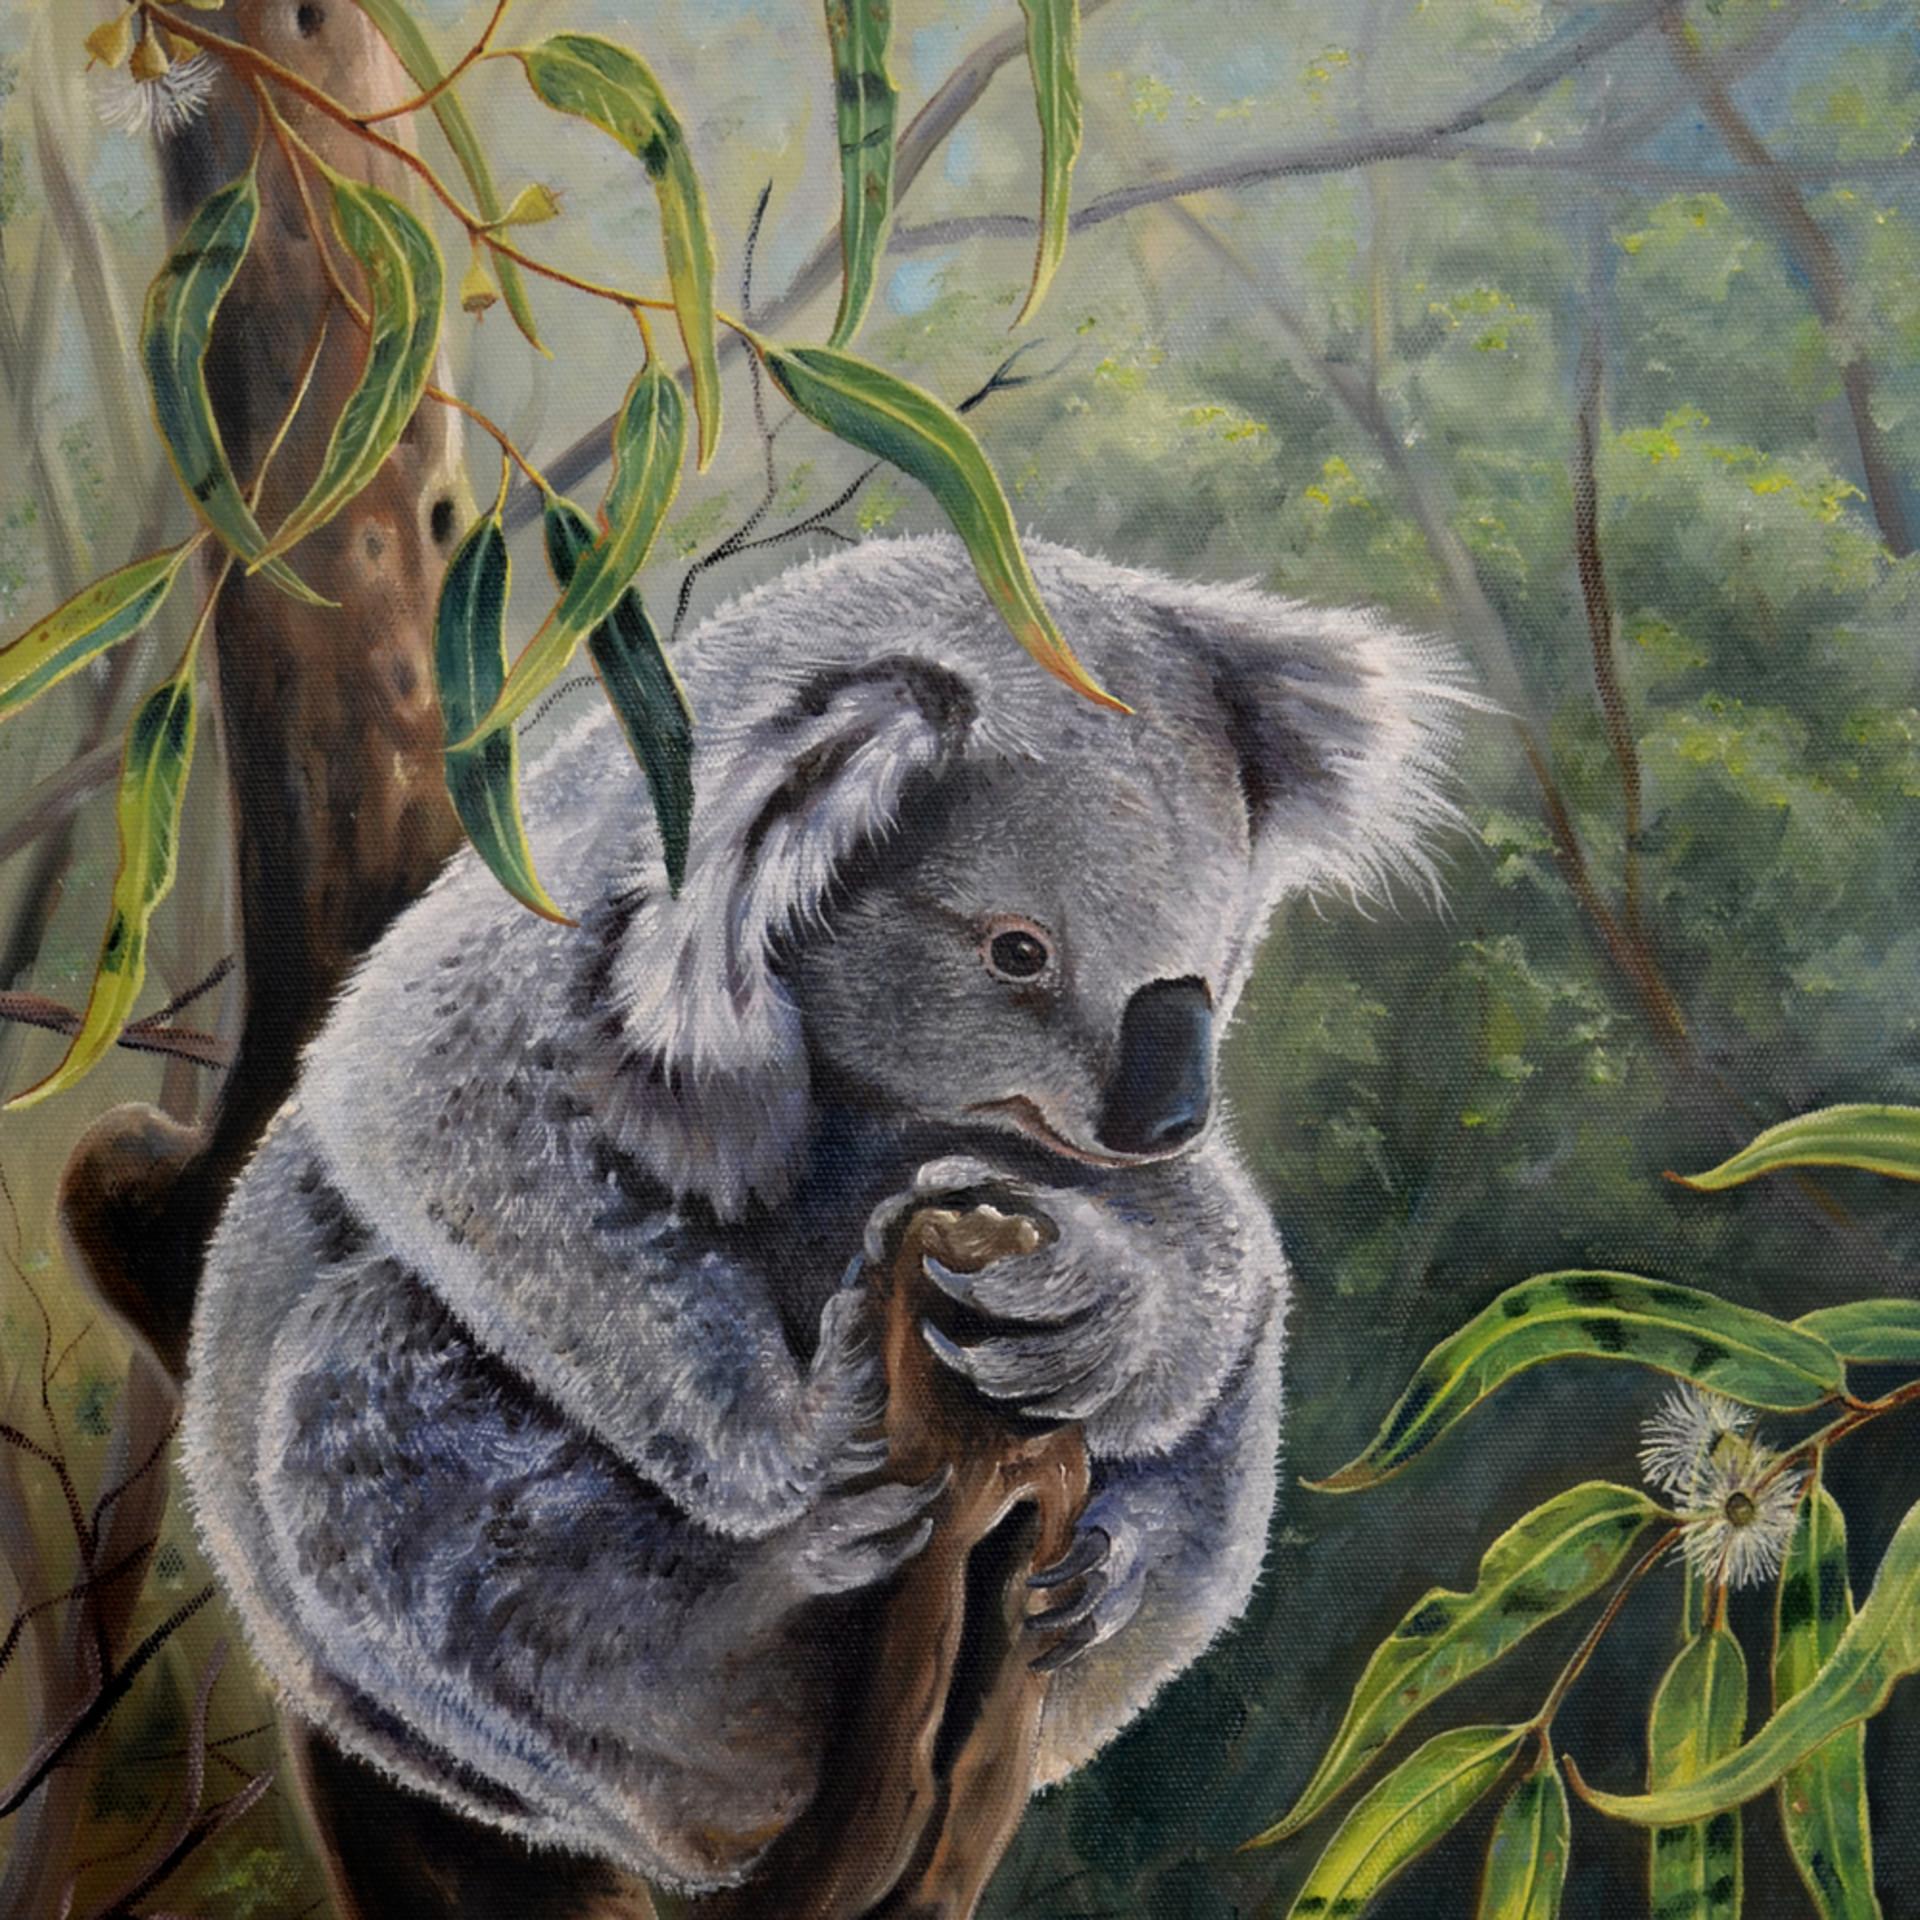 Koala amongstthegumleavesebg 1932socialmedia 2 edilbt